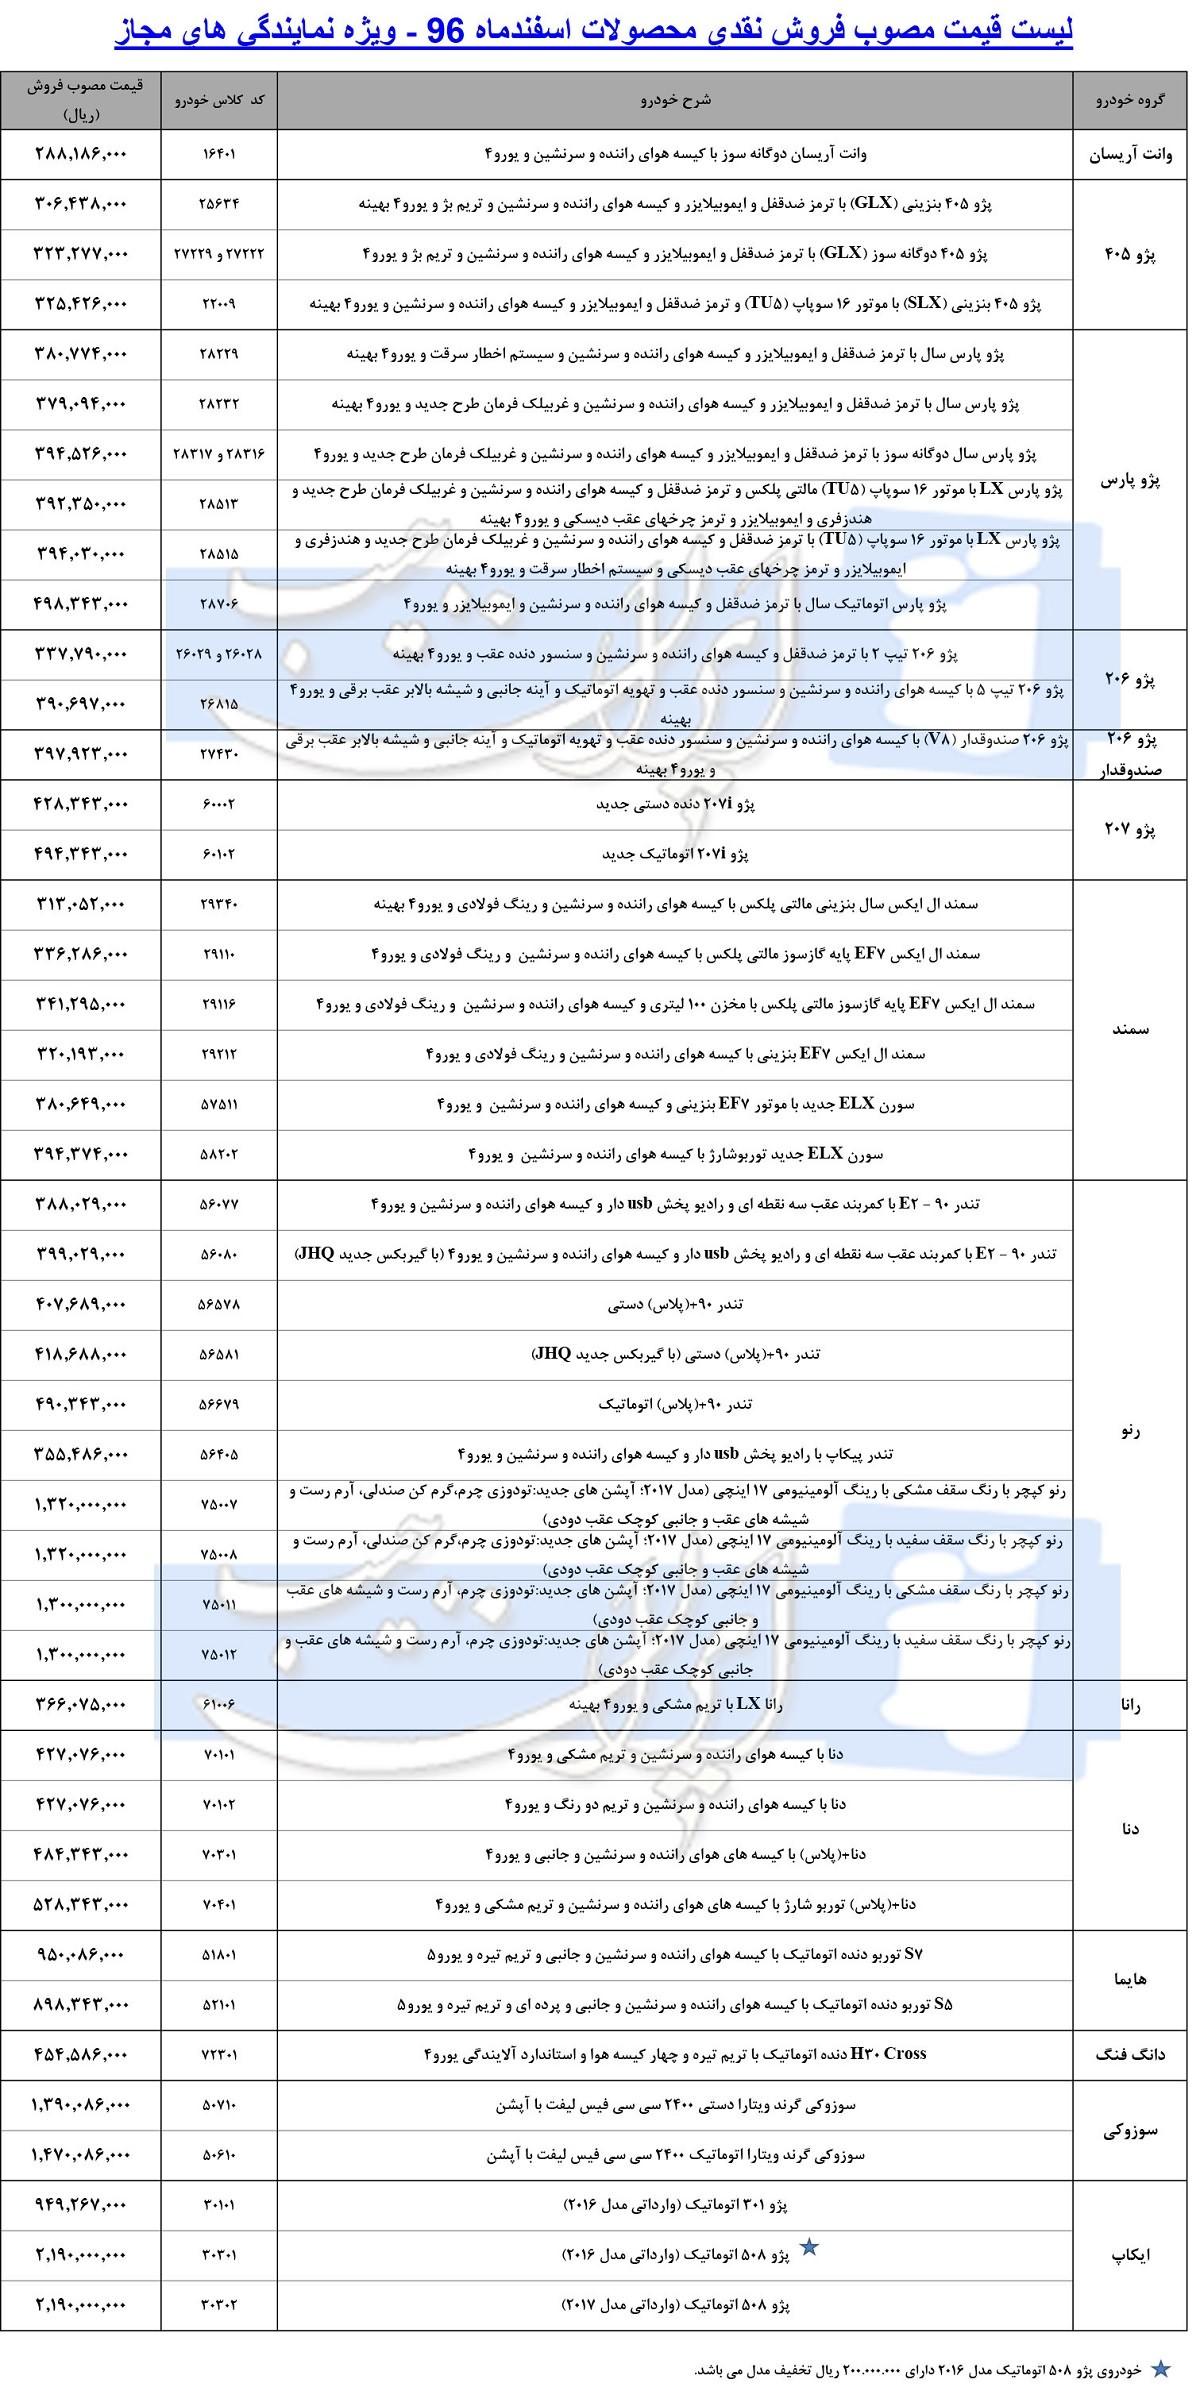 لیست قیمت جدید کارخانه ای محصولات ایران خودرو - اسفند 96